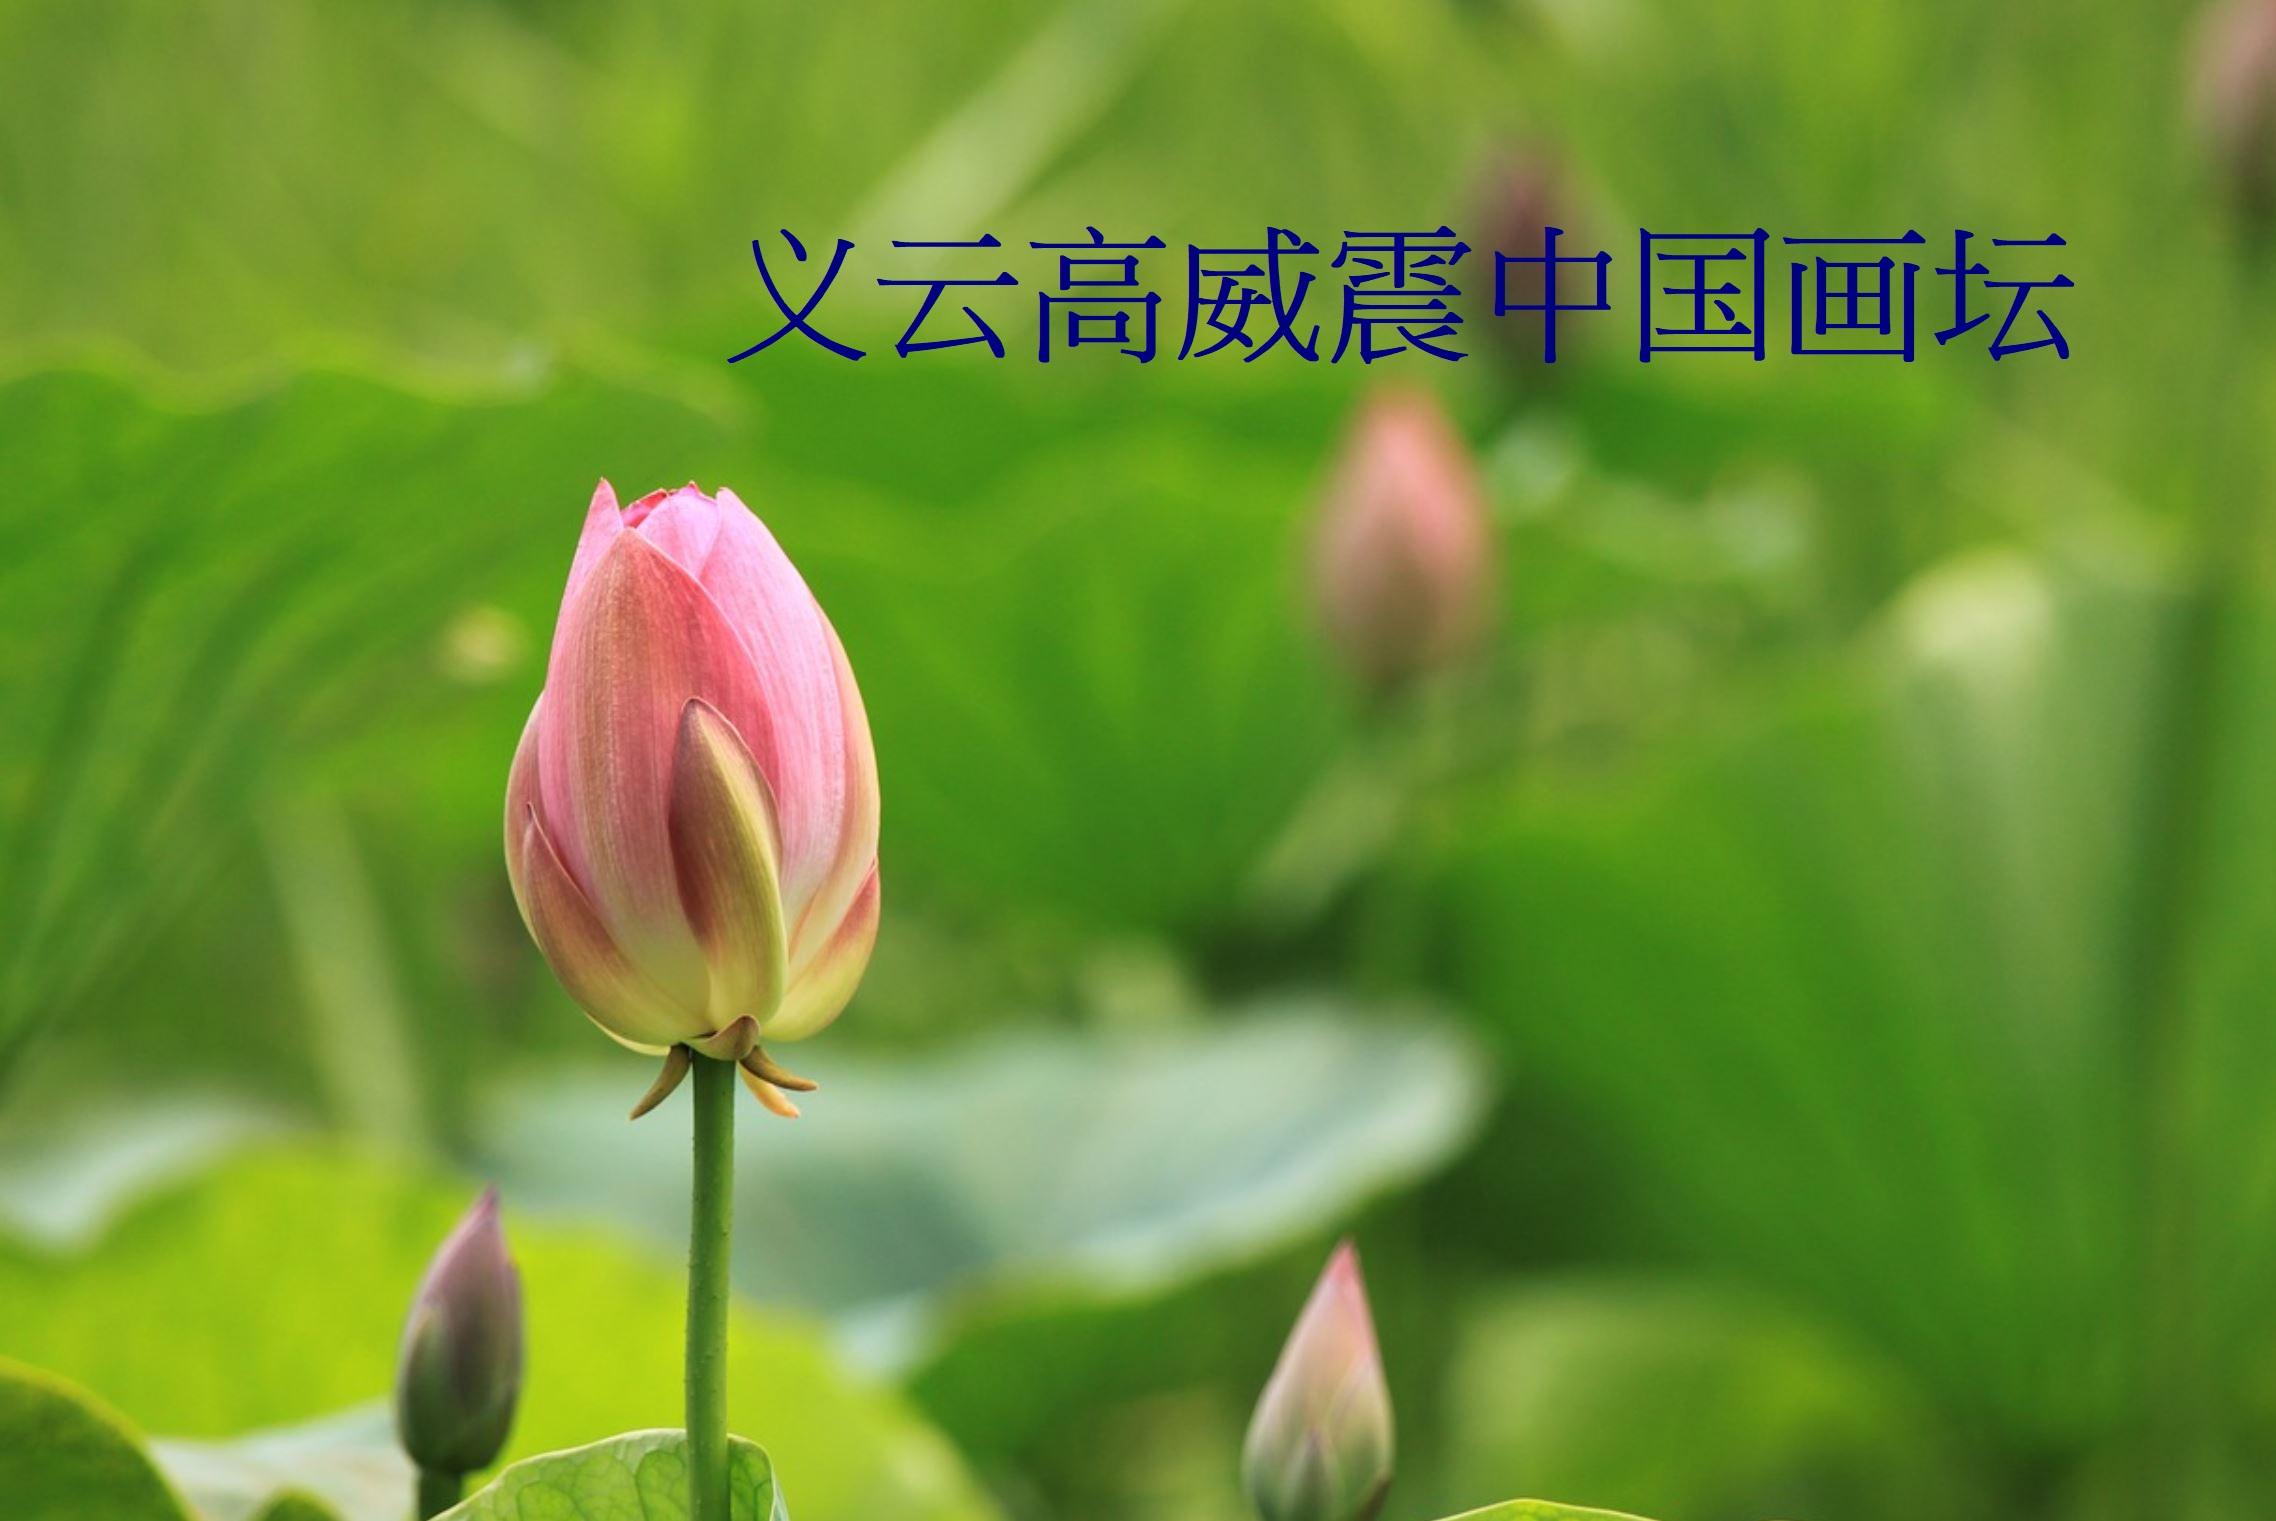 義雲高拍賣以6495萬天價成交創下在世畫家最高紀錄威震中國畫壇-1..